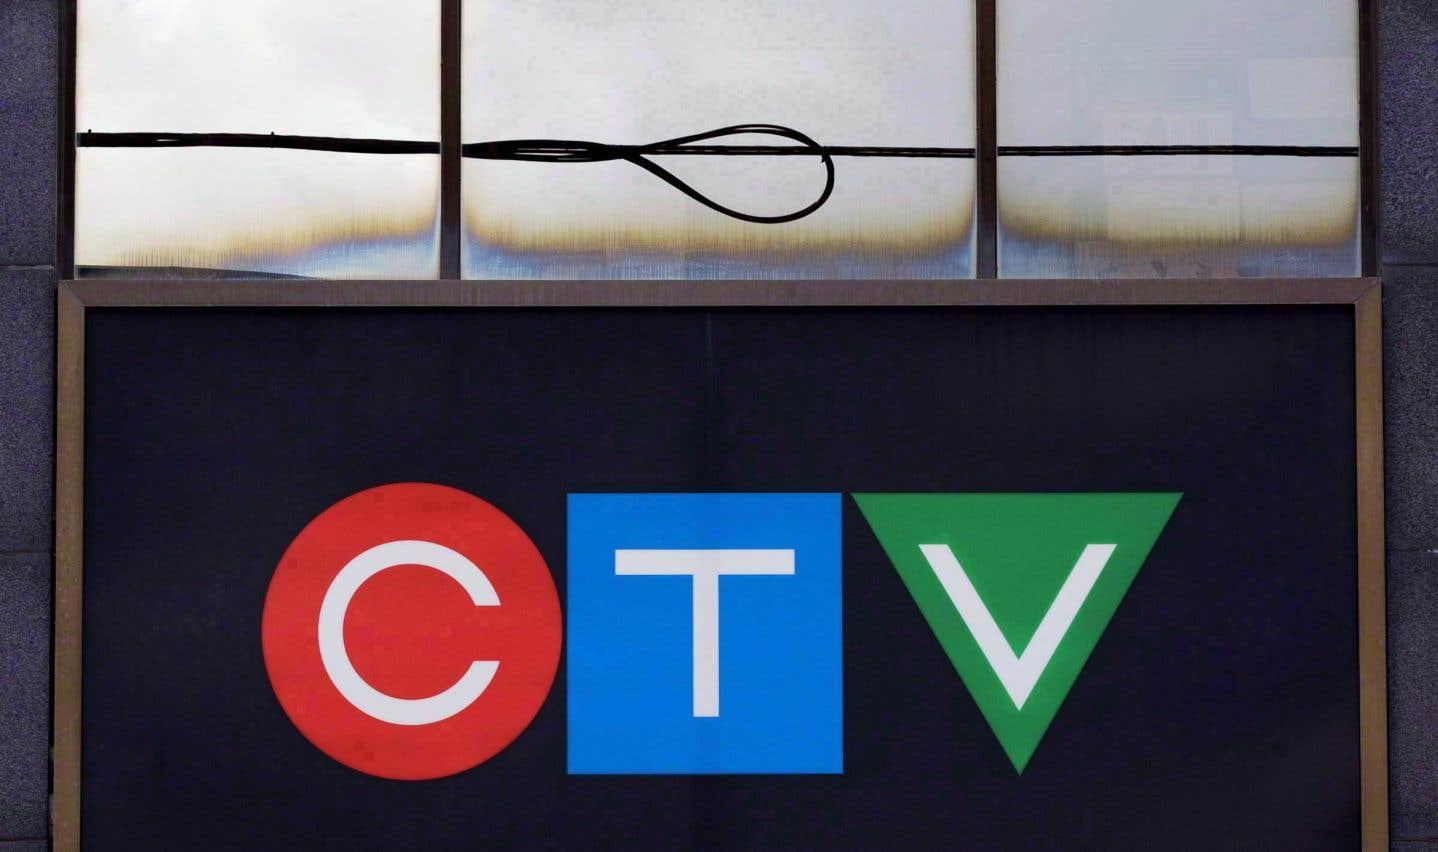 Les allégations ont été formulées par une femme se disant une ancienne employée de CTV.